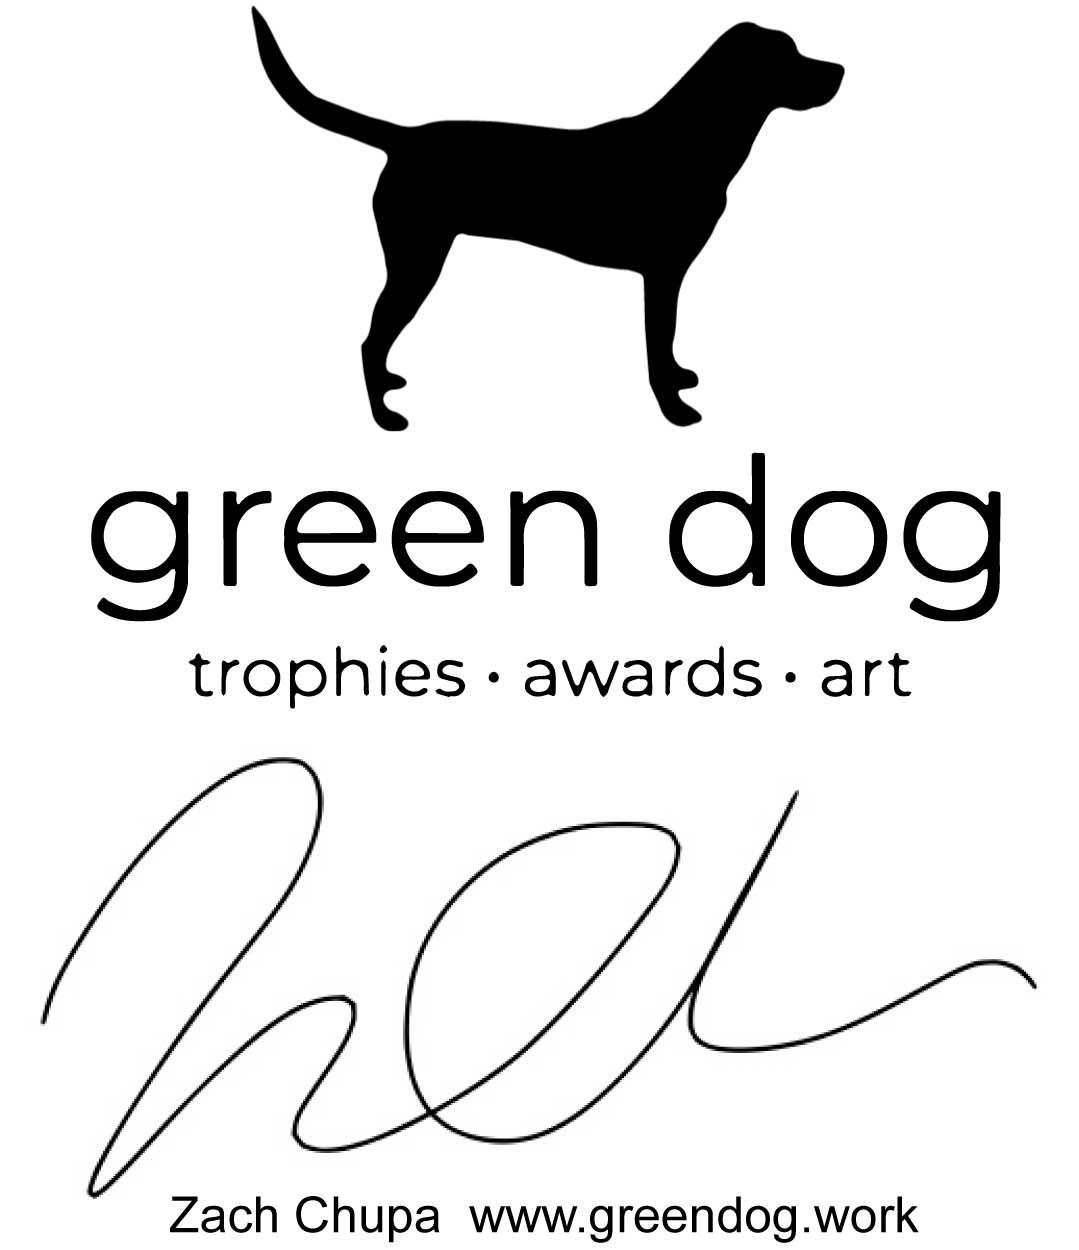 Green-Dog-logo.jpg